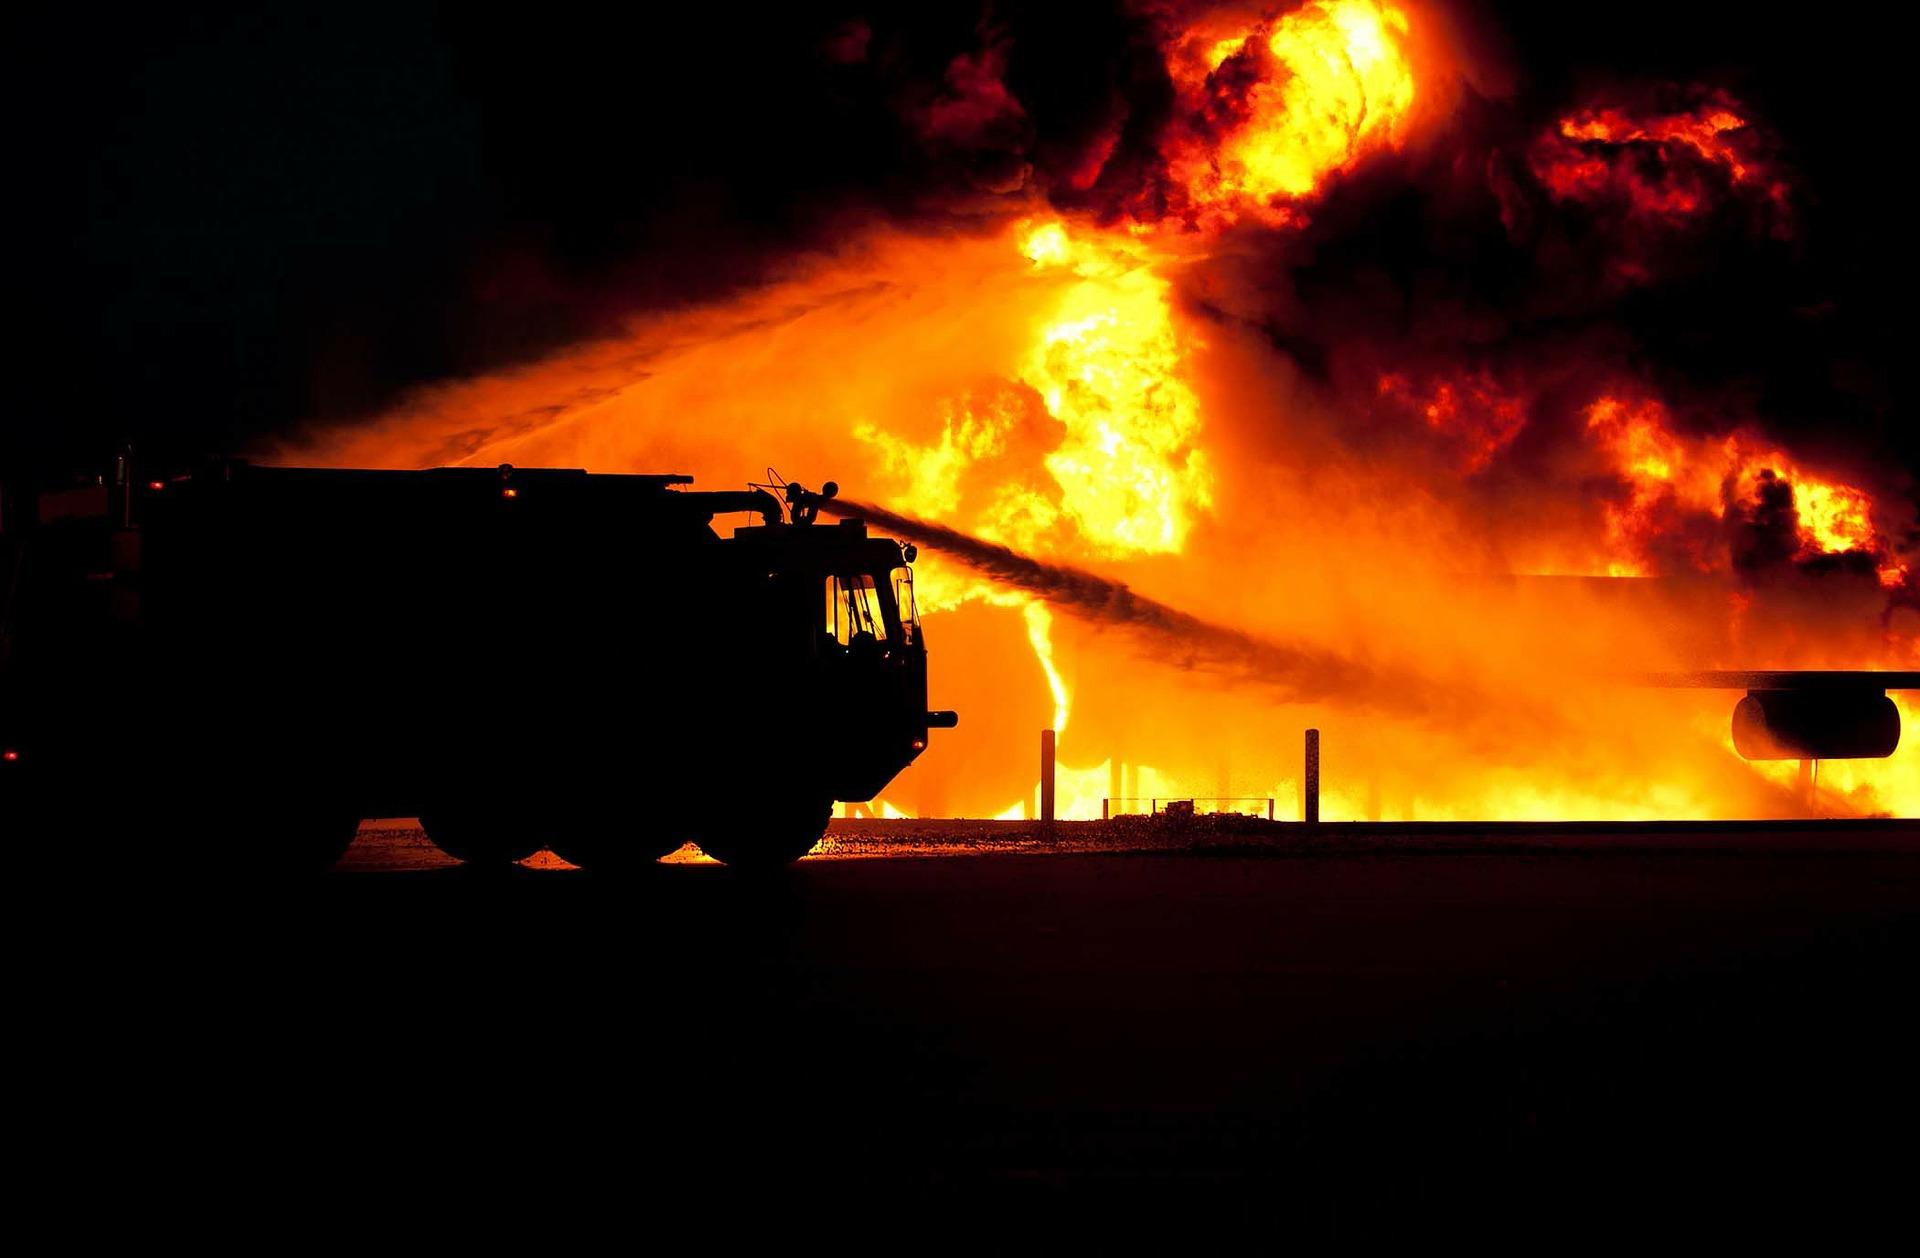 Documento di protezione contro le esplosioni: la norma CEI EN 60079-10-1:2016